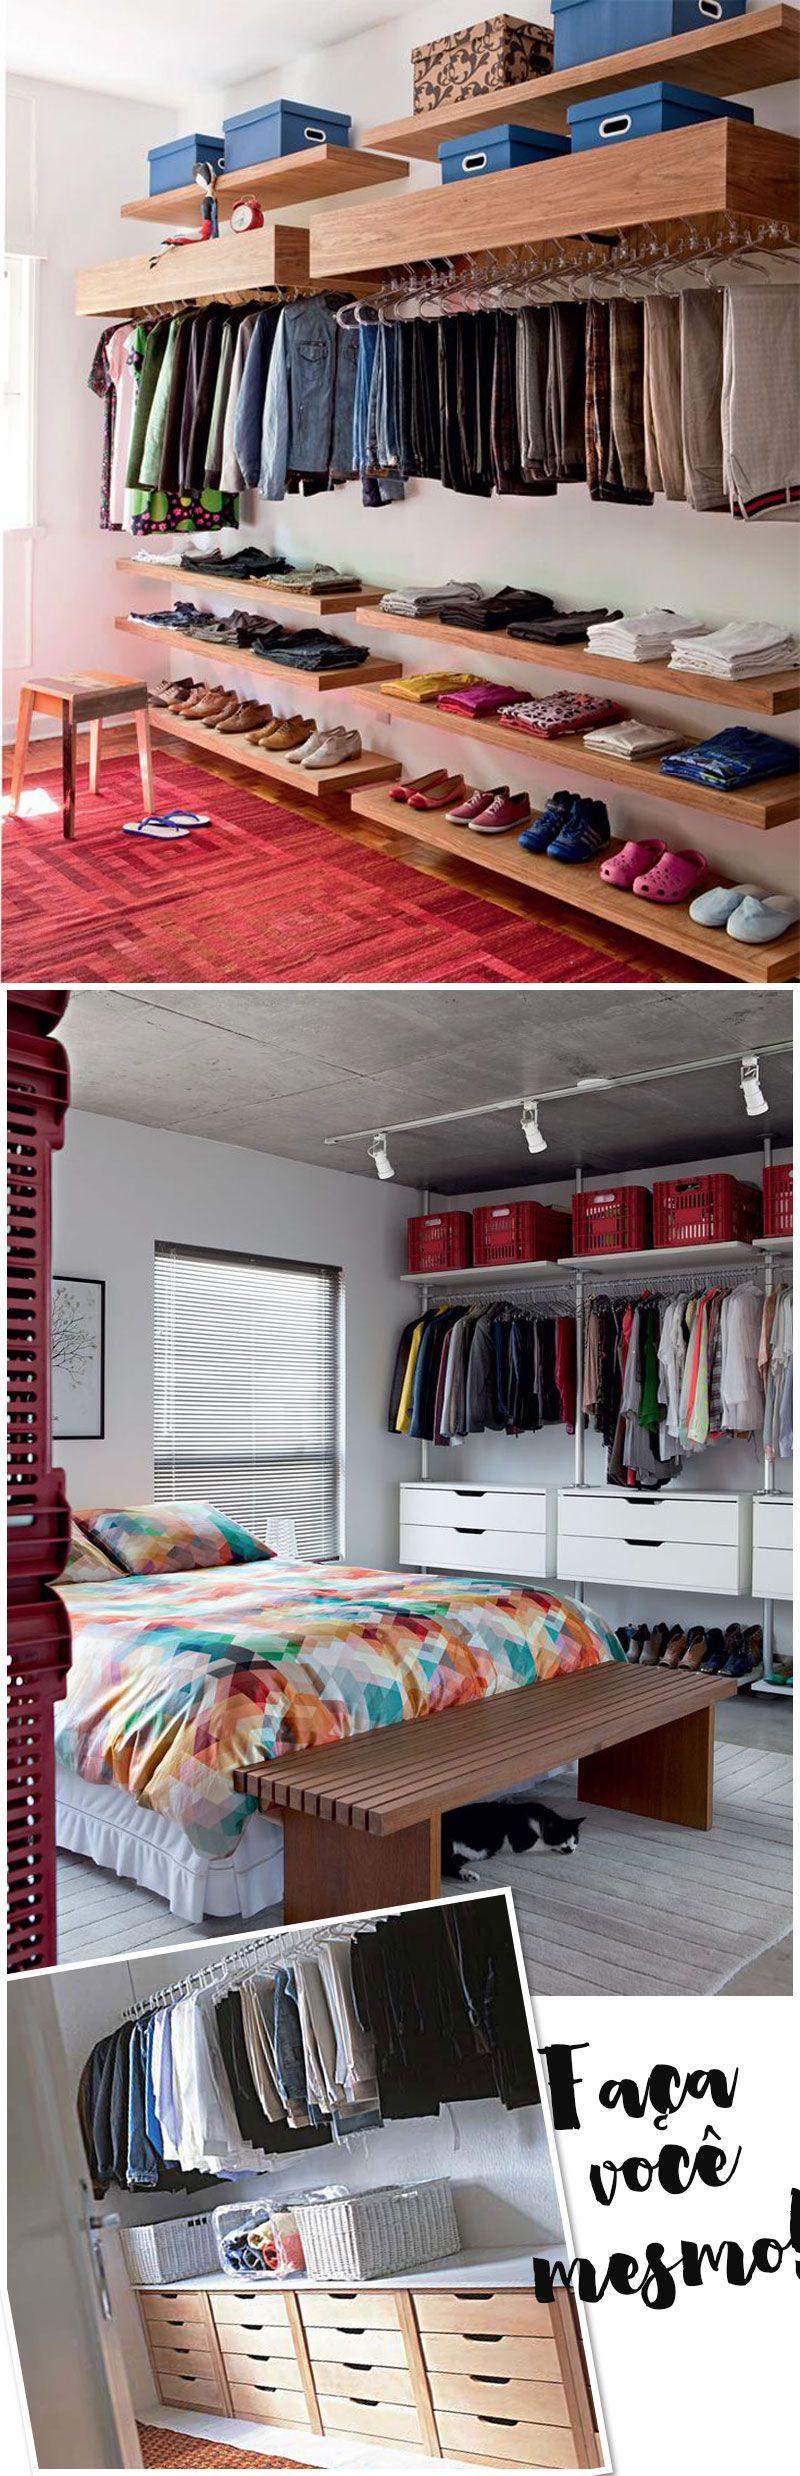 Closet Muitas Ideias Pra Montar O Seu Como Fazer Um Closet  ~ Decoração De Quarto Criativo E Closet No Quarto Pequeno